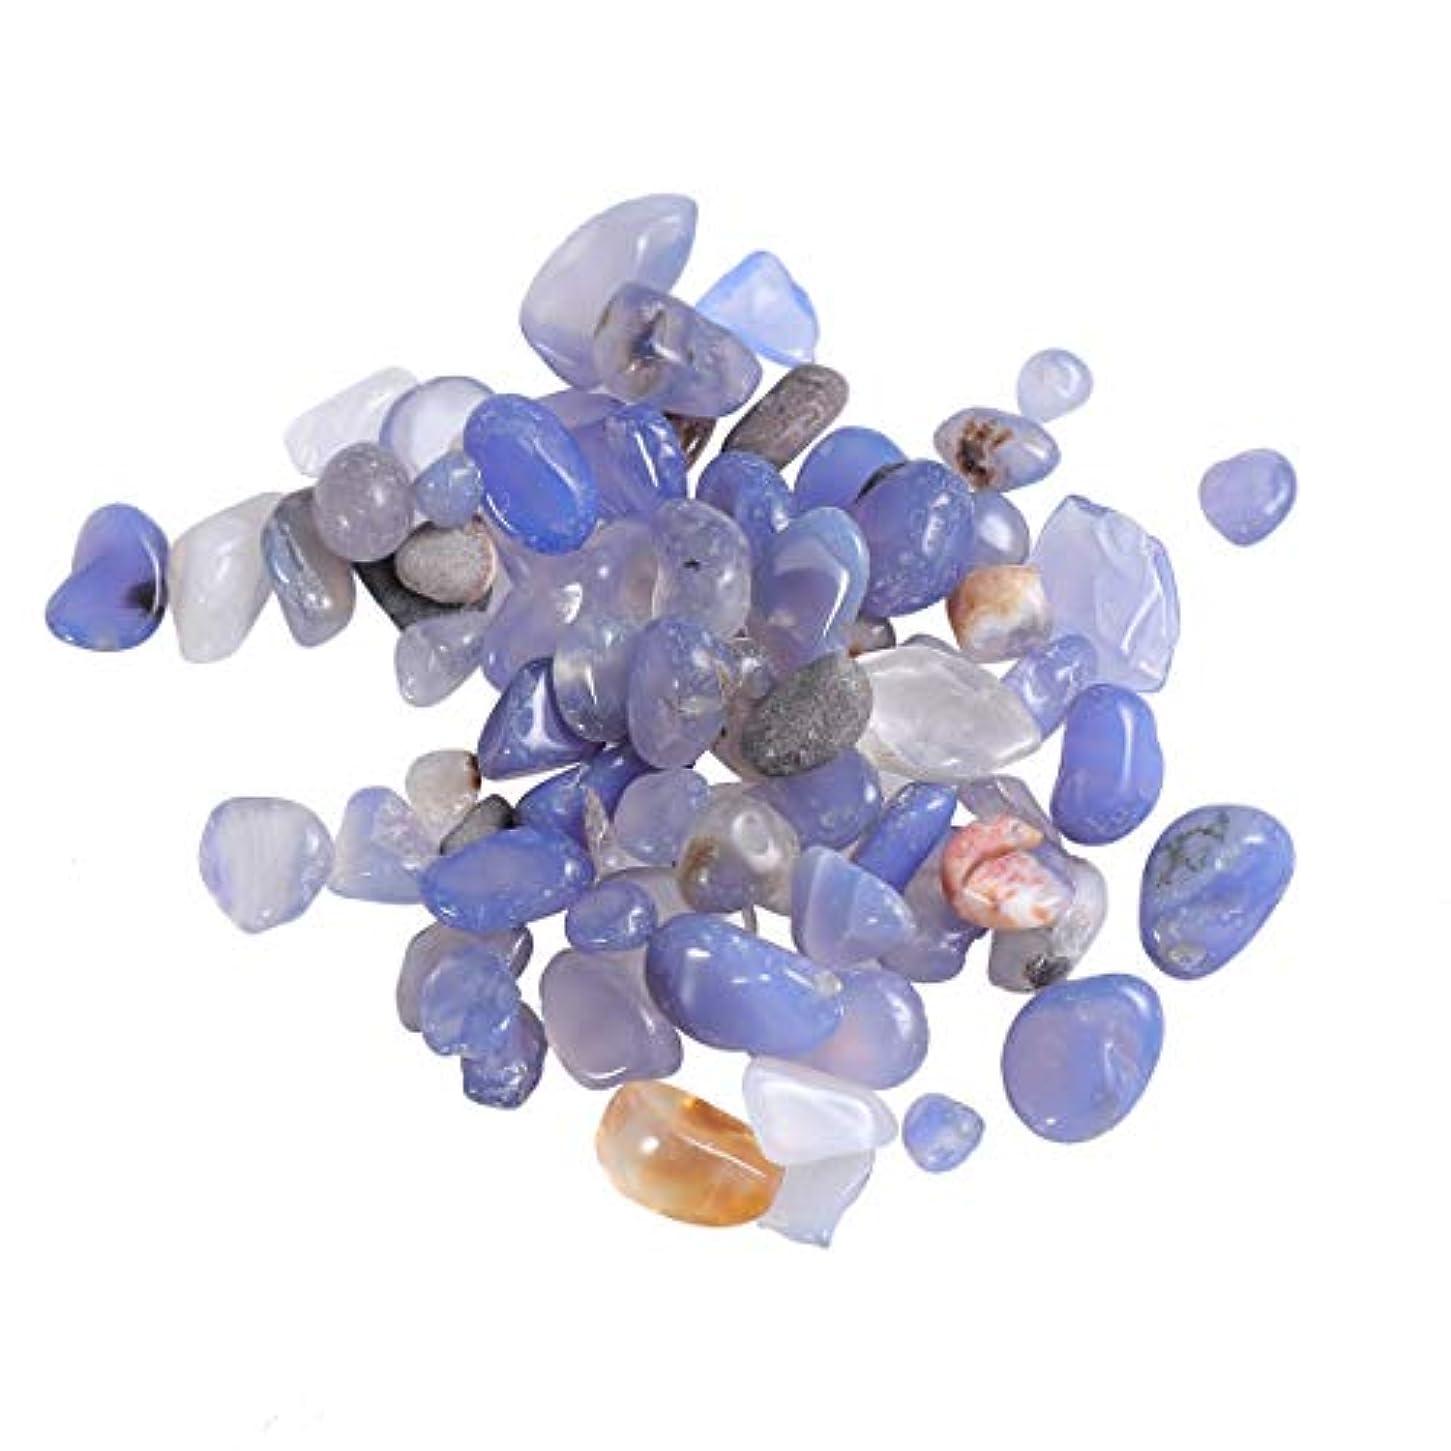 試す夢中コーンウォールVosarea 2パック自然砕いたクリスタルロック不規則な形状のヒーリングストーンズや花瓶植物サワークリームガーデン(青い瑪瑙)